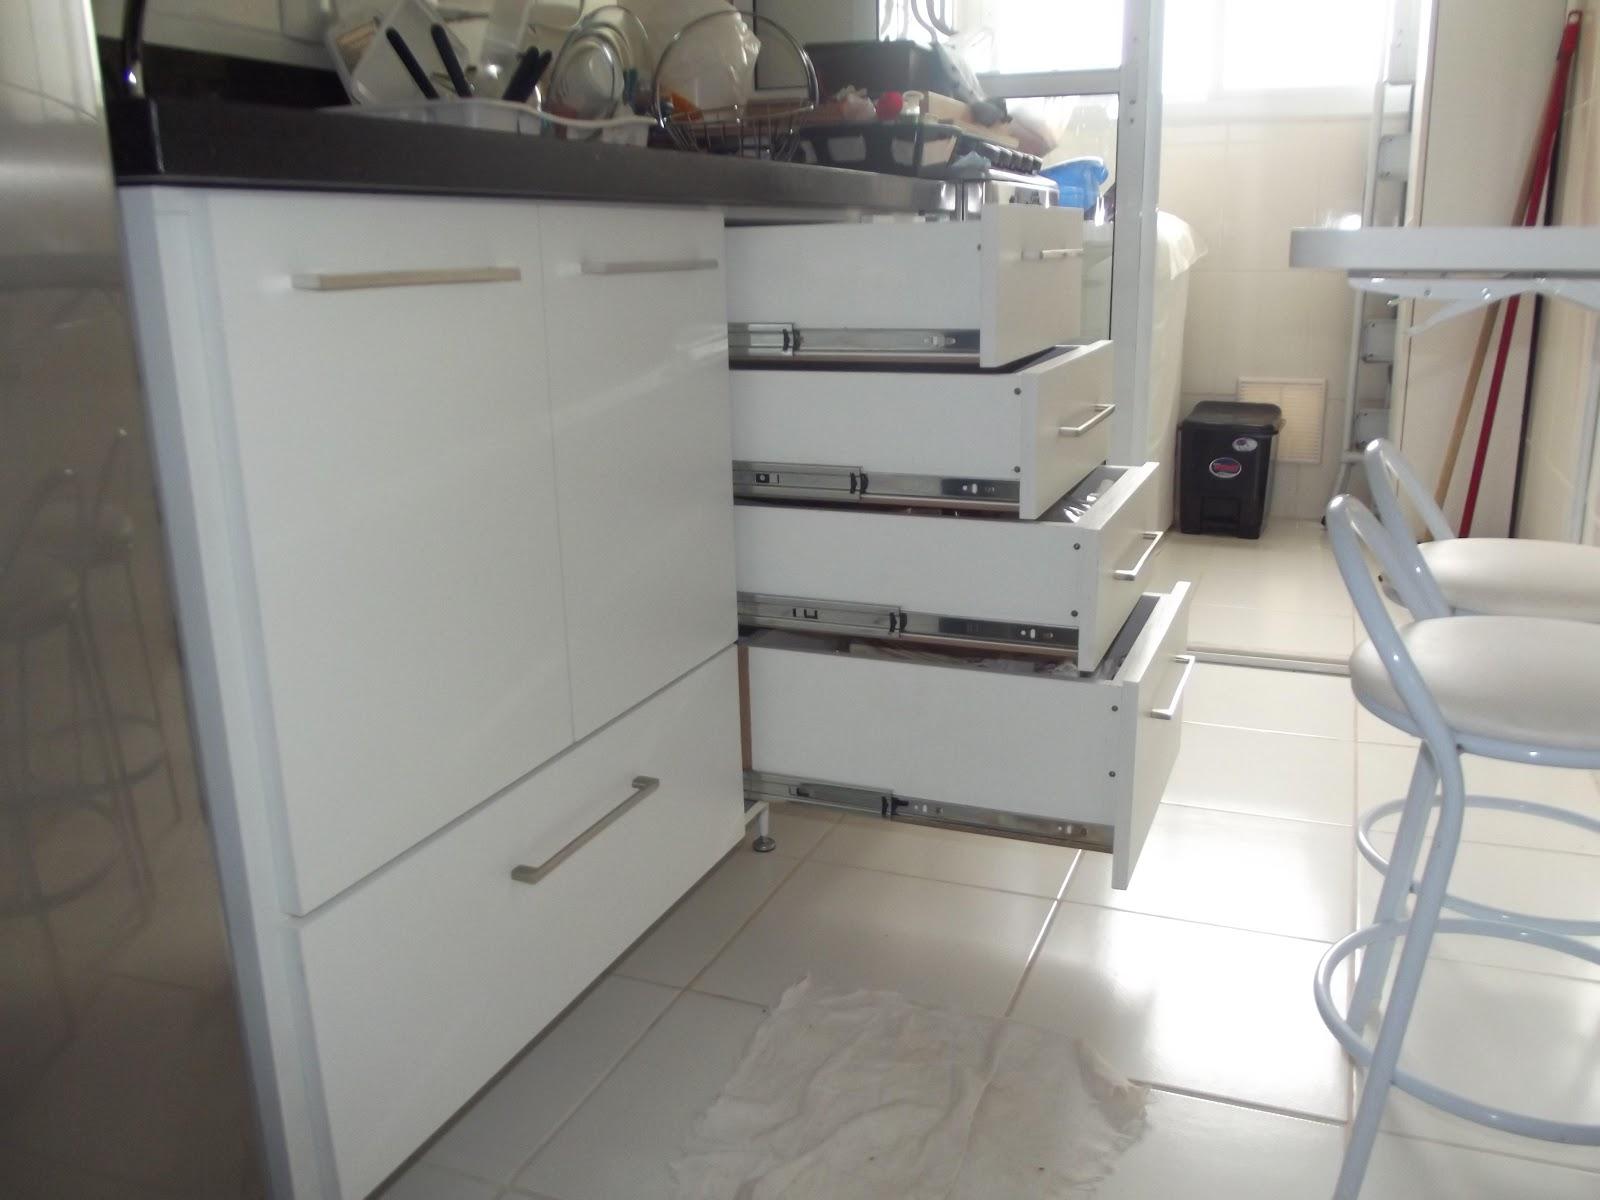 PROJETOS EM MADEIRA MACIÇA E MOVEIS SOB MEDIDA: Cozinha Banheiro e  #586673 1600 1200